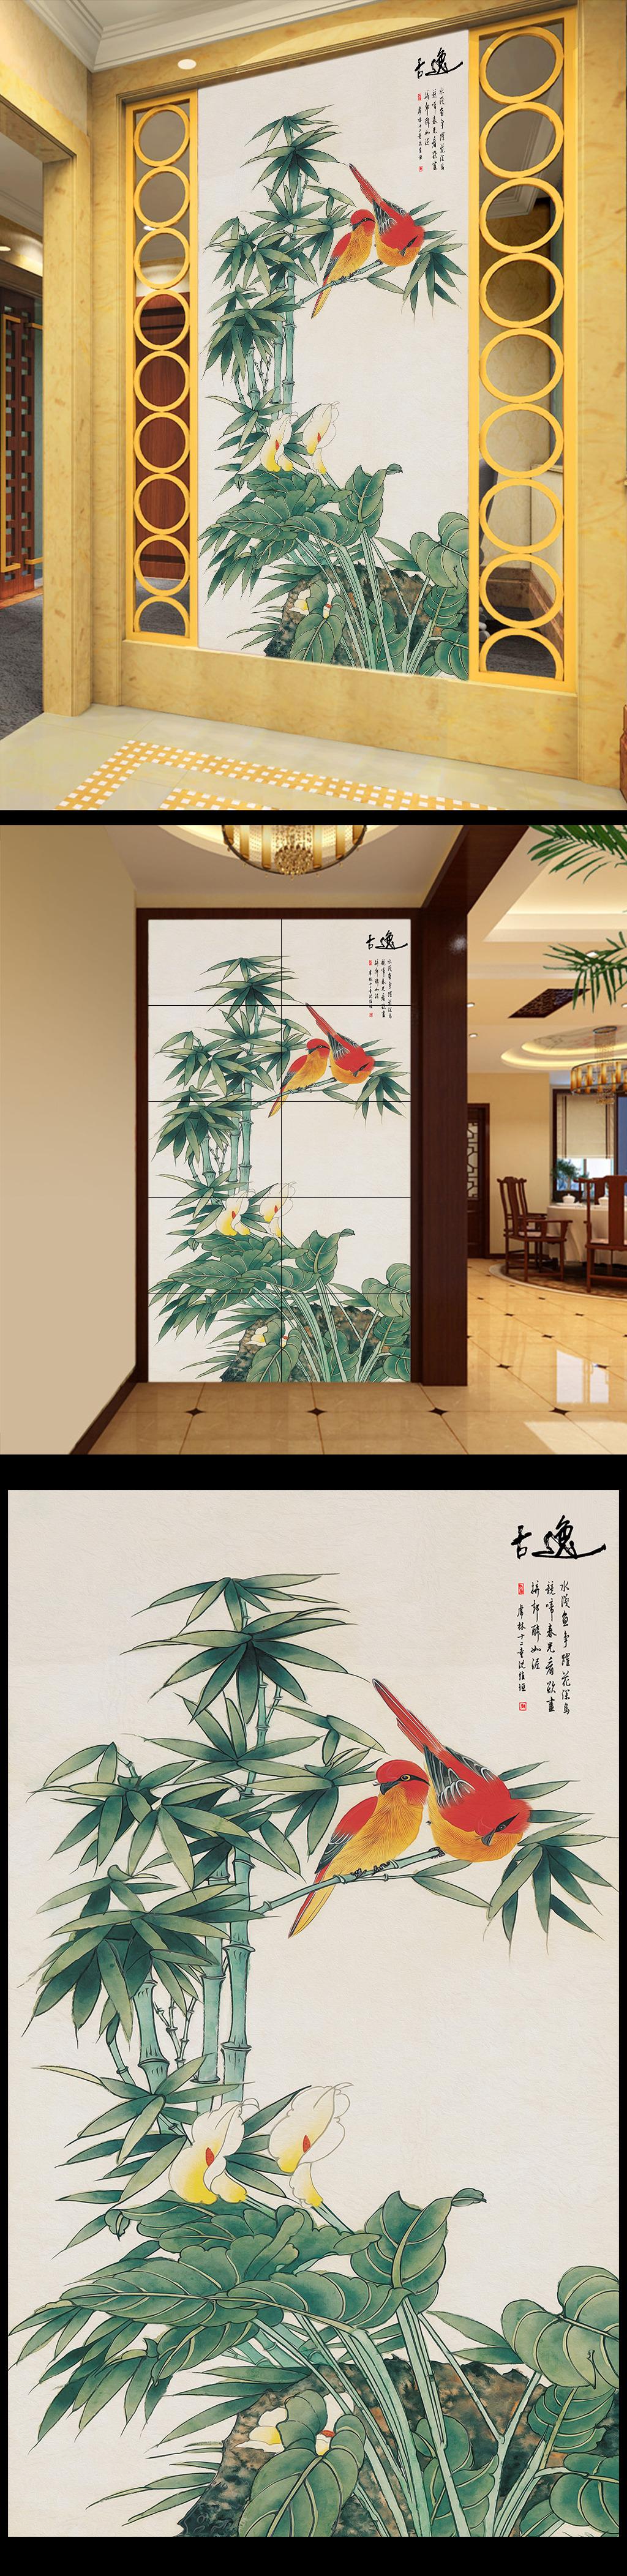 中式古典手绘花鸟玄关过道背景墙